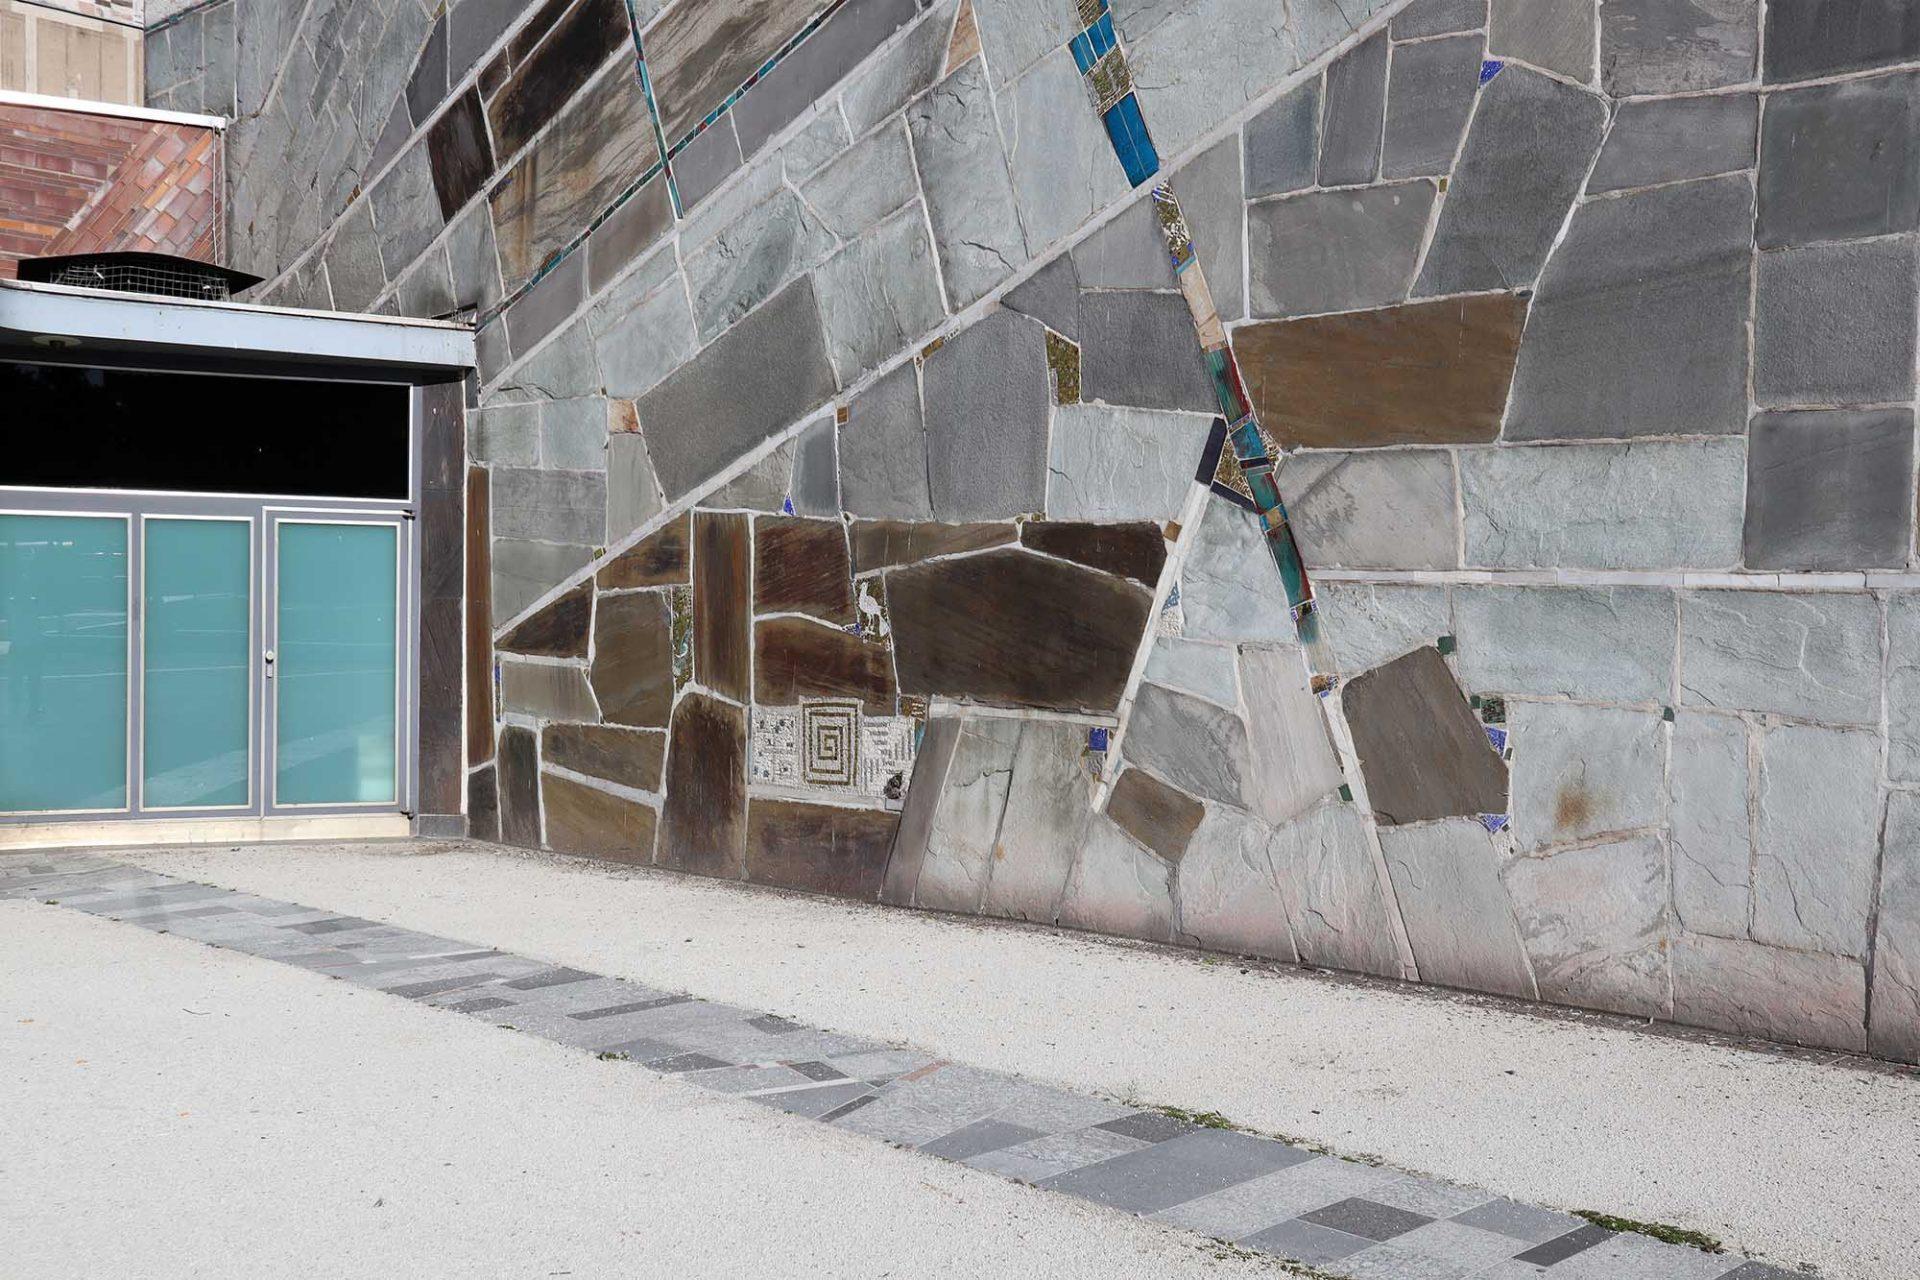 Liederhalle. ... einer Materialvielfalt, die von Quarzitsteinen, Marmor, Keramikplatten sowie ...